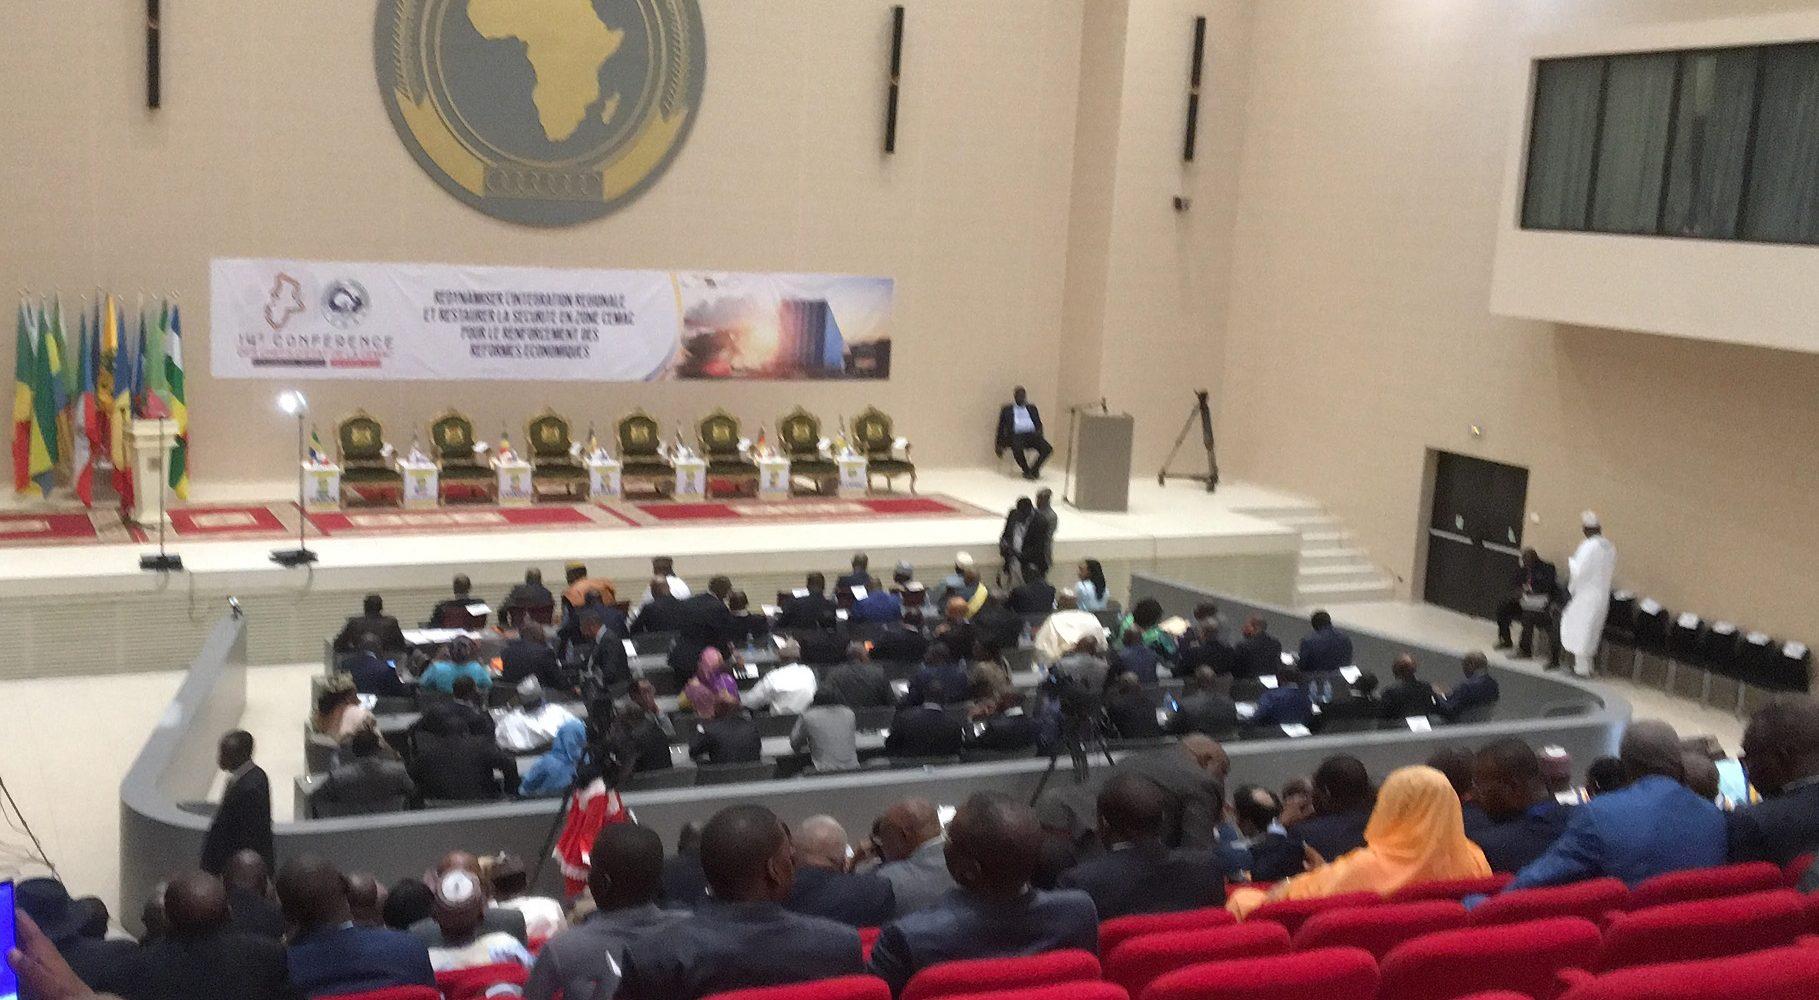 Cemac : L'ouverture de la 14ème conférence des chefs d'Etat attendue dans les minutes qui suivent à N'Djaména au Tchad 1